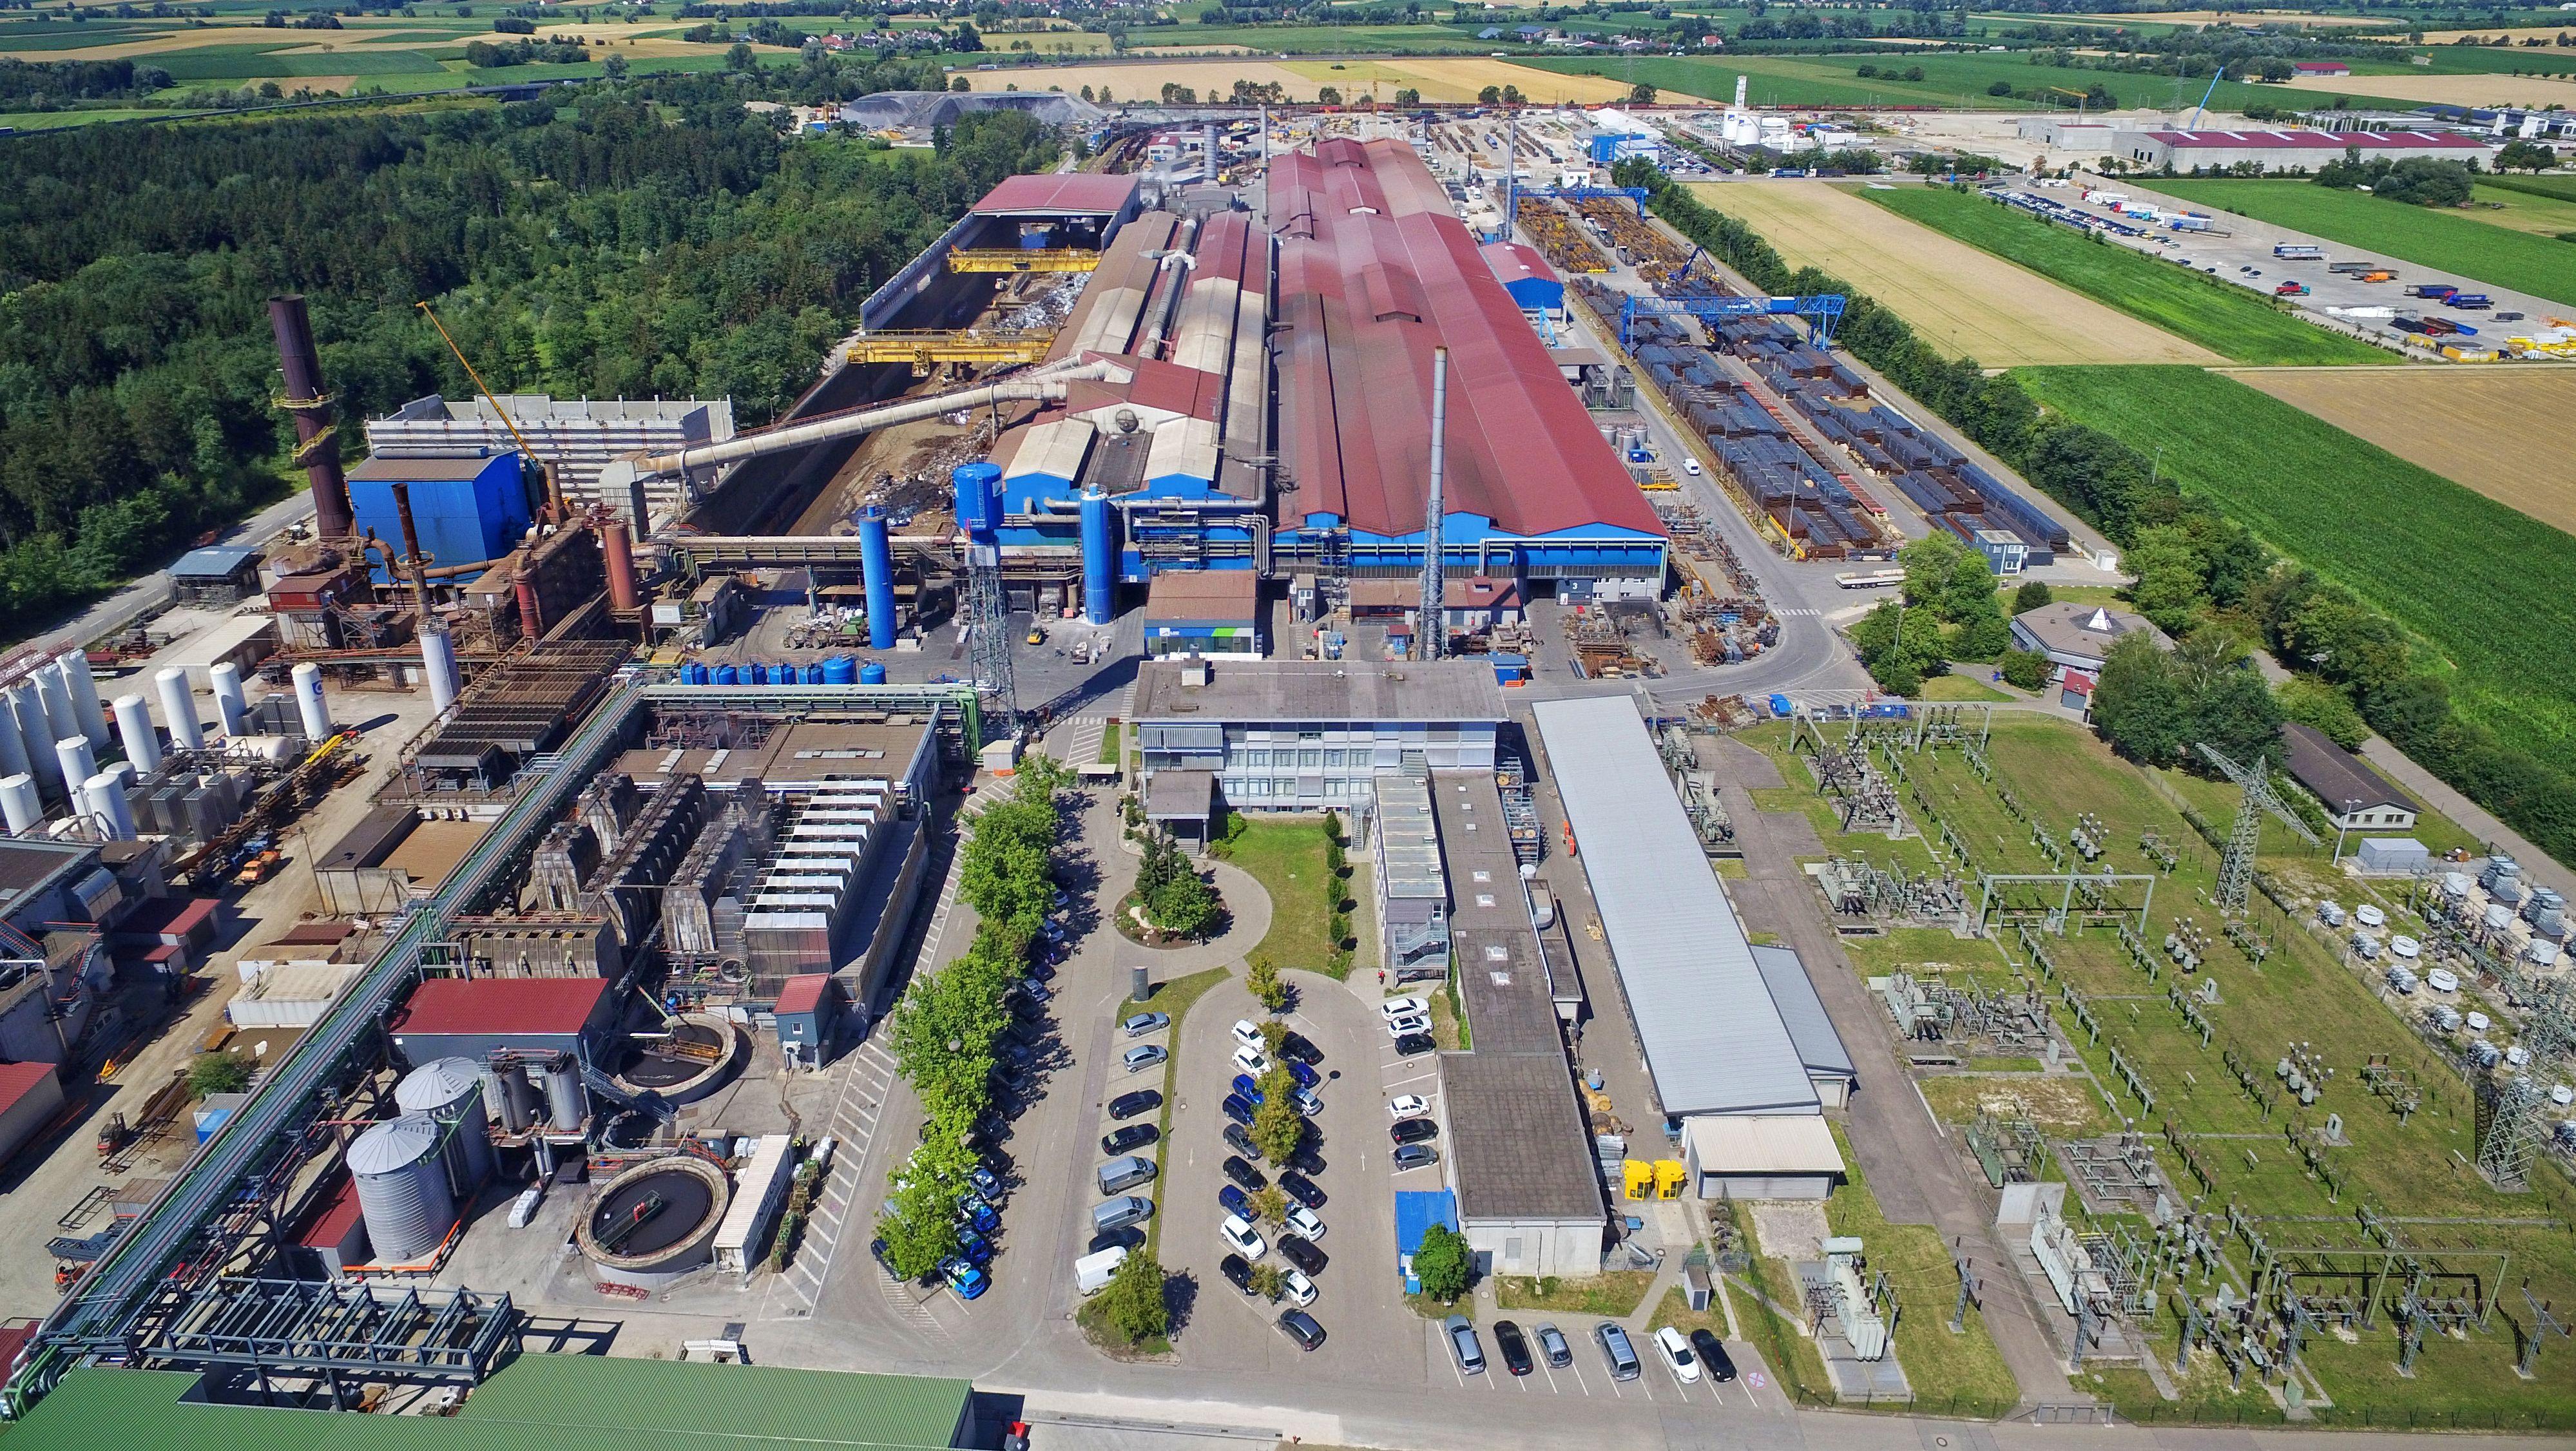 Luftaufnahme der Lech-Stahlwerke bei Herbertshofen